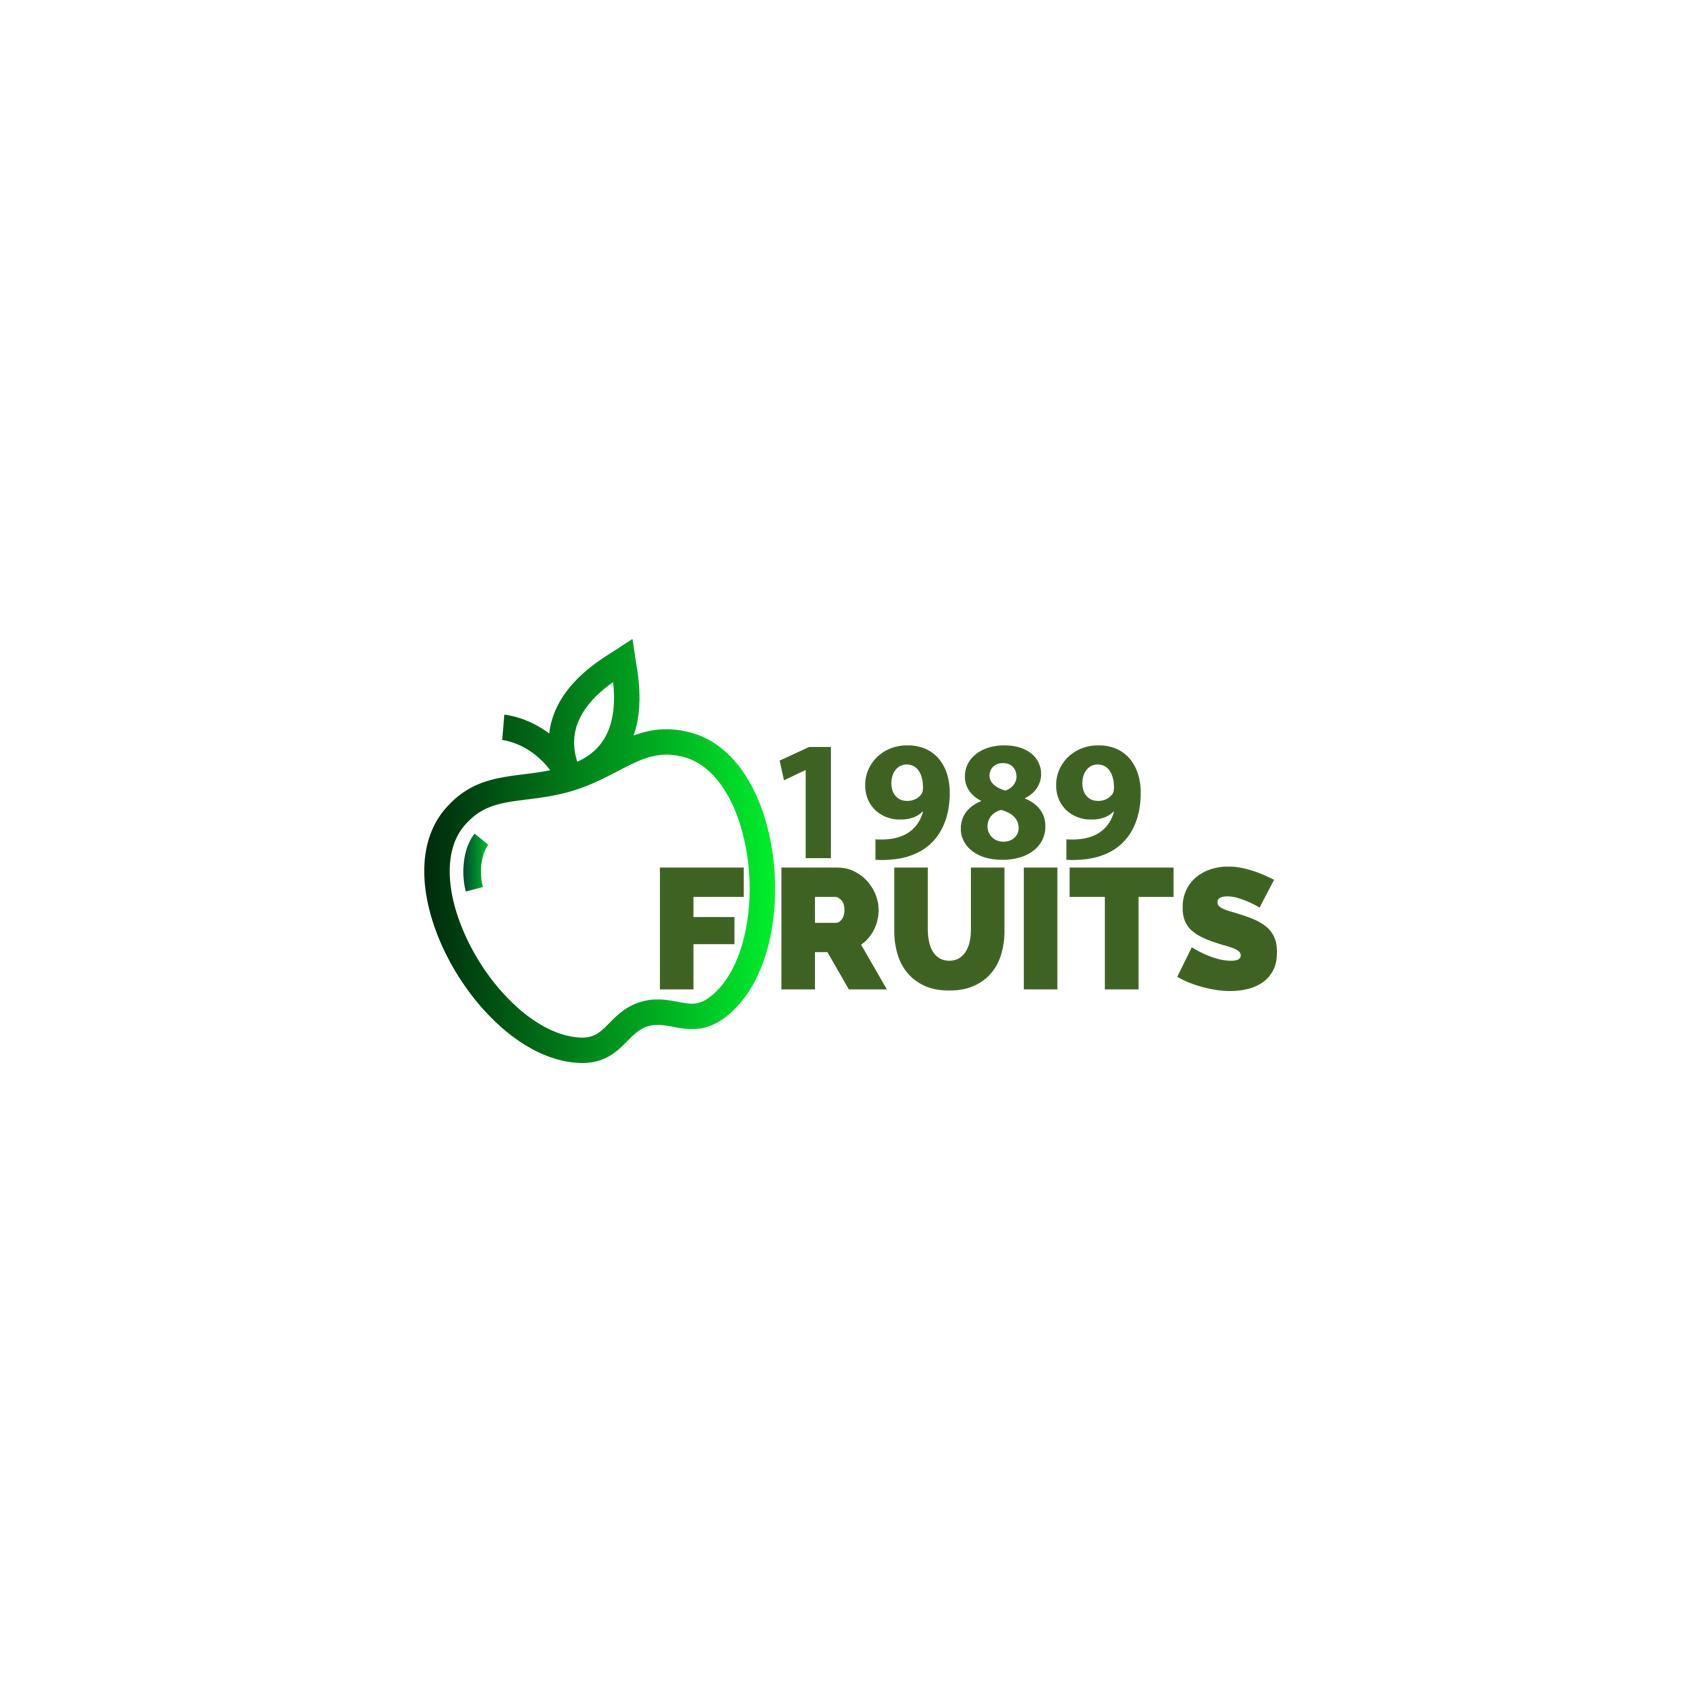 1989-fruit-logo thiết kế bởi Helixgram thiết kế logo trọn bộ nhận diện thương hiệu thiết kế hình ảnh đại diện brand identity thiết kế đồ họa in ấn quảng cáo thiết kế website WordPress Helixgram